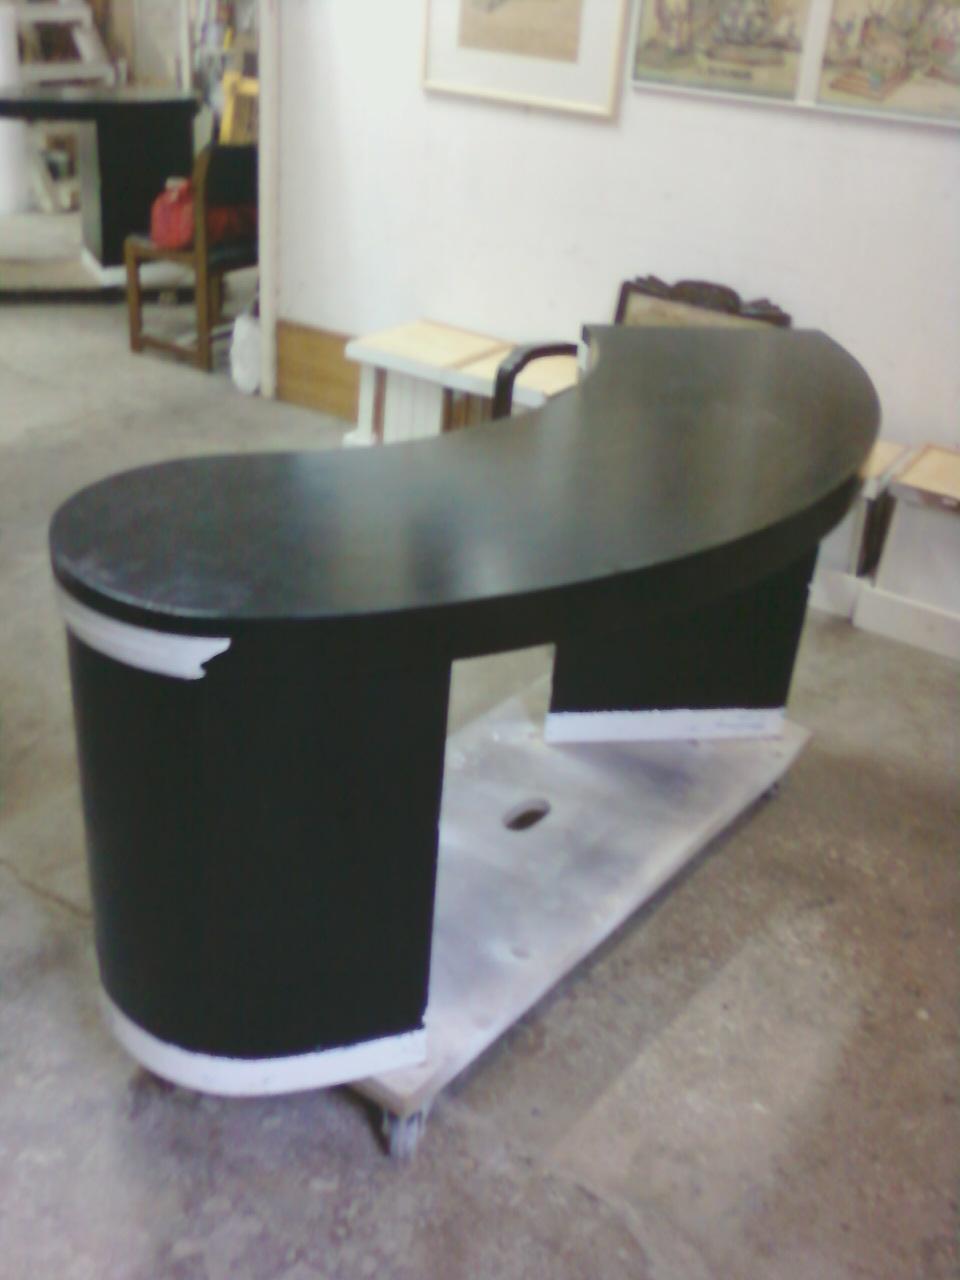 Muebles nicos restauracion mueble curvado paso a paso - Restauracion muebles valencia ...